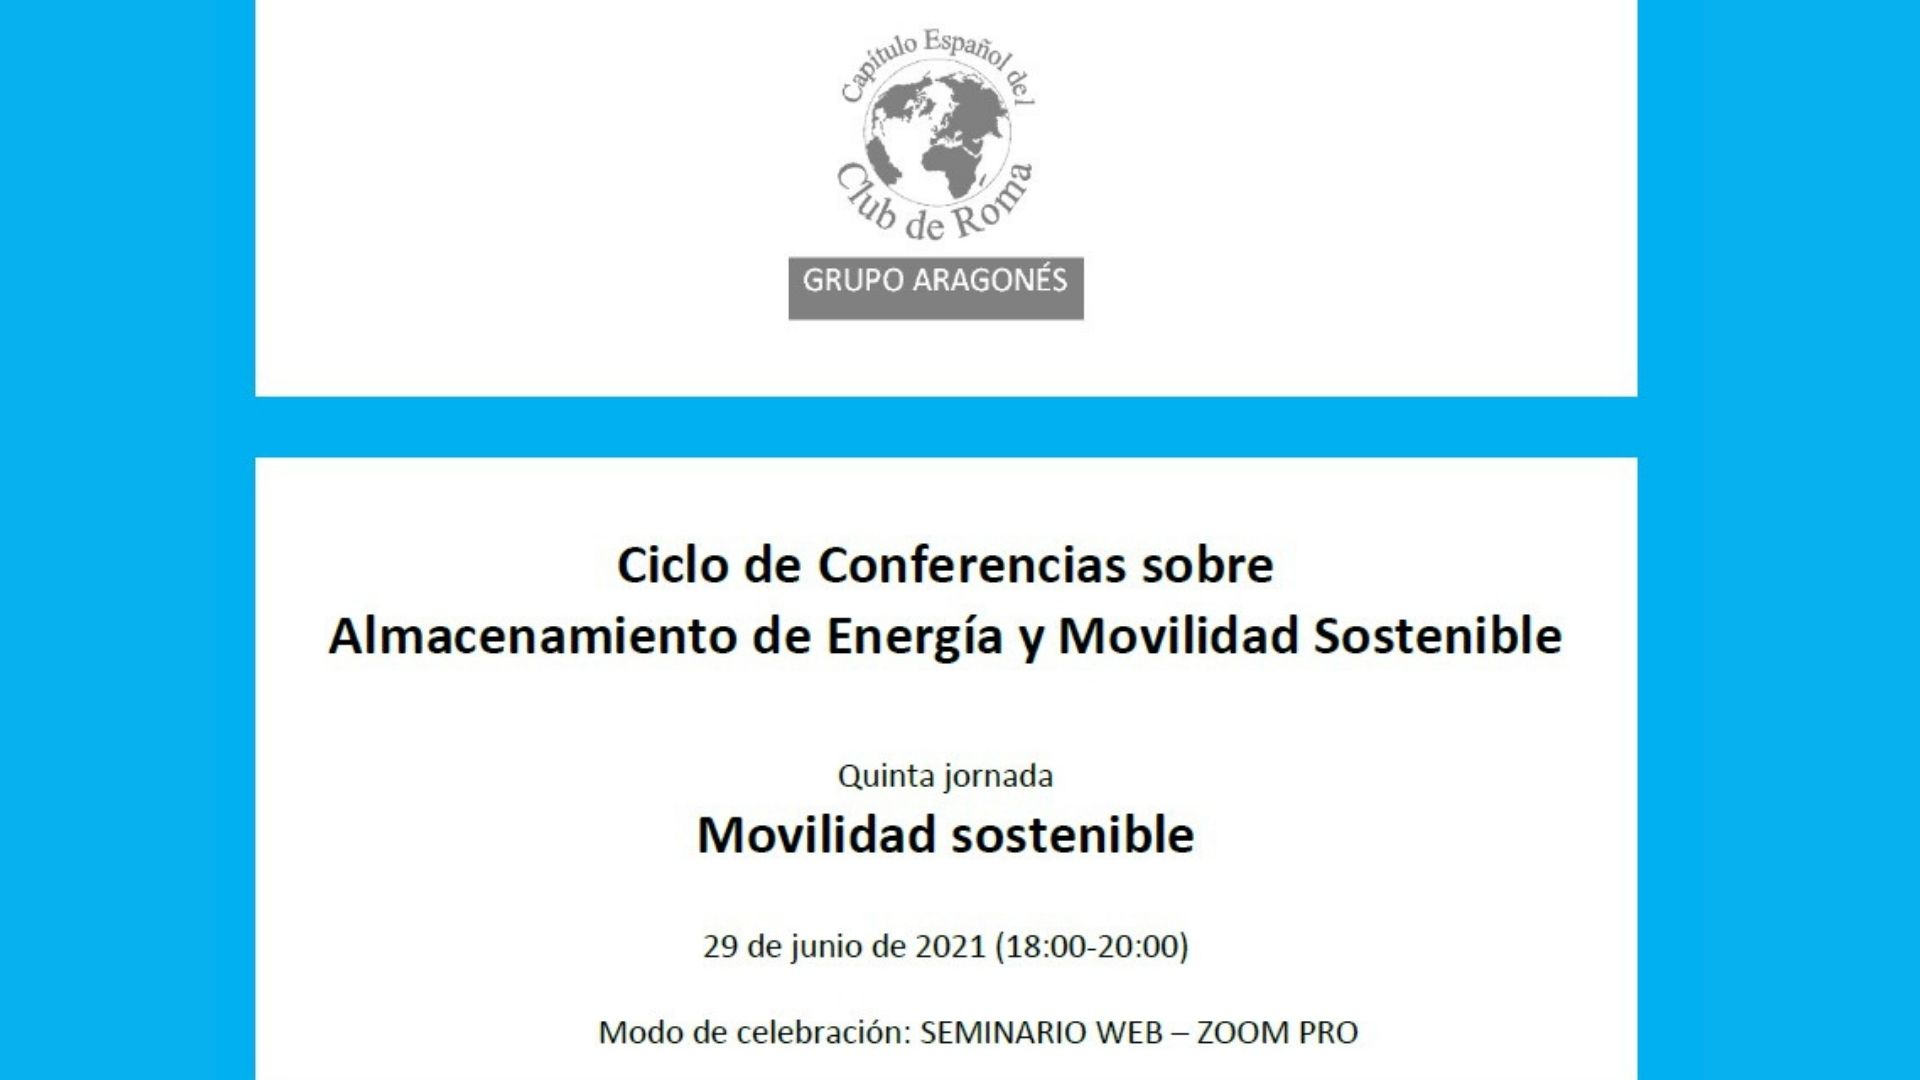 Jornada Movilidad Sostenible